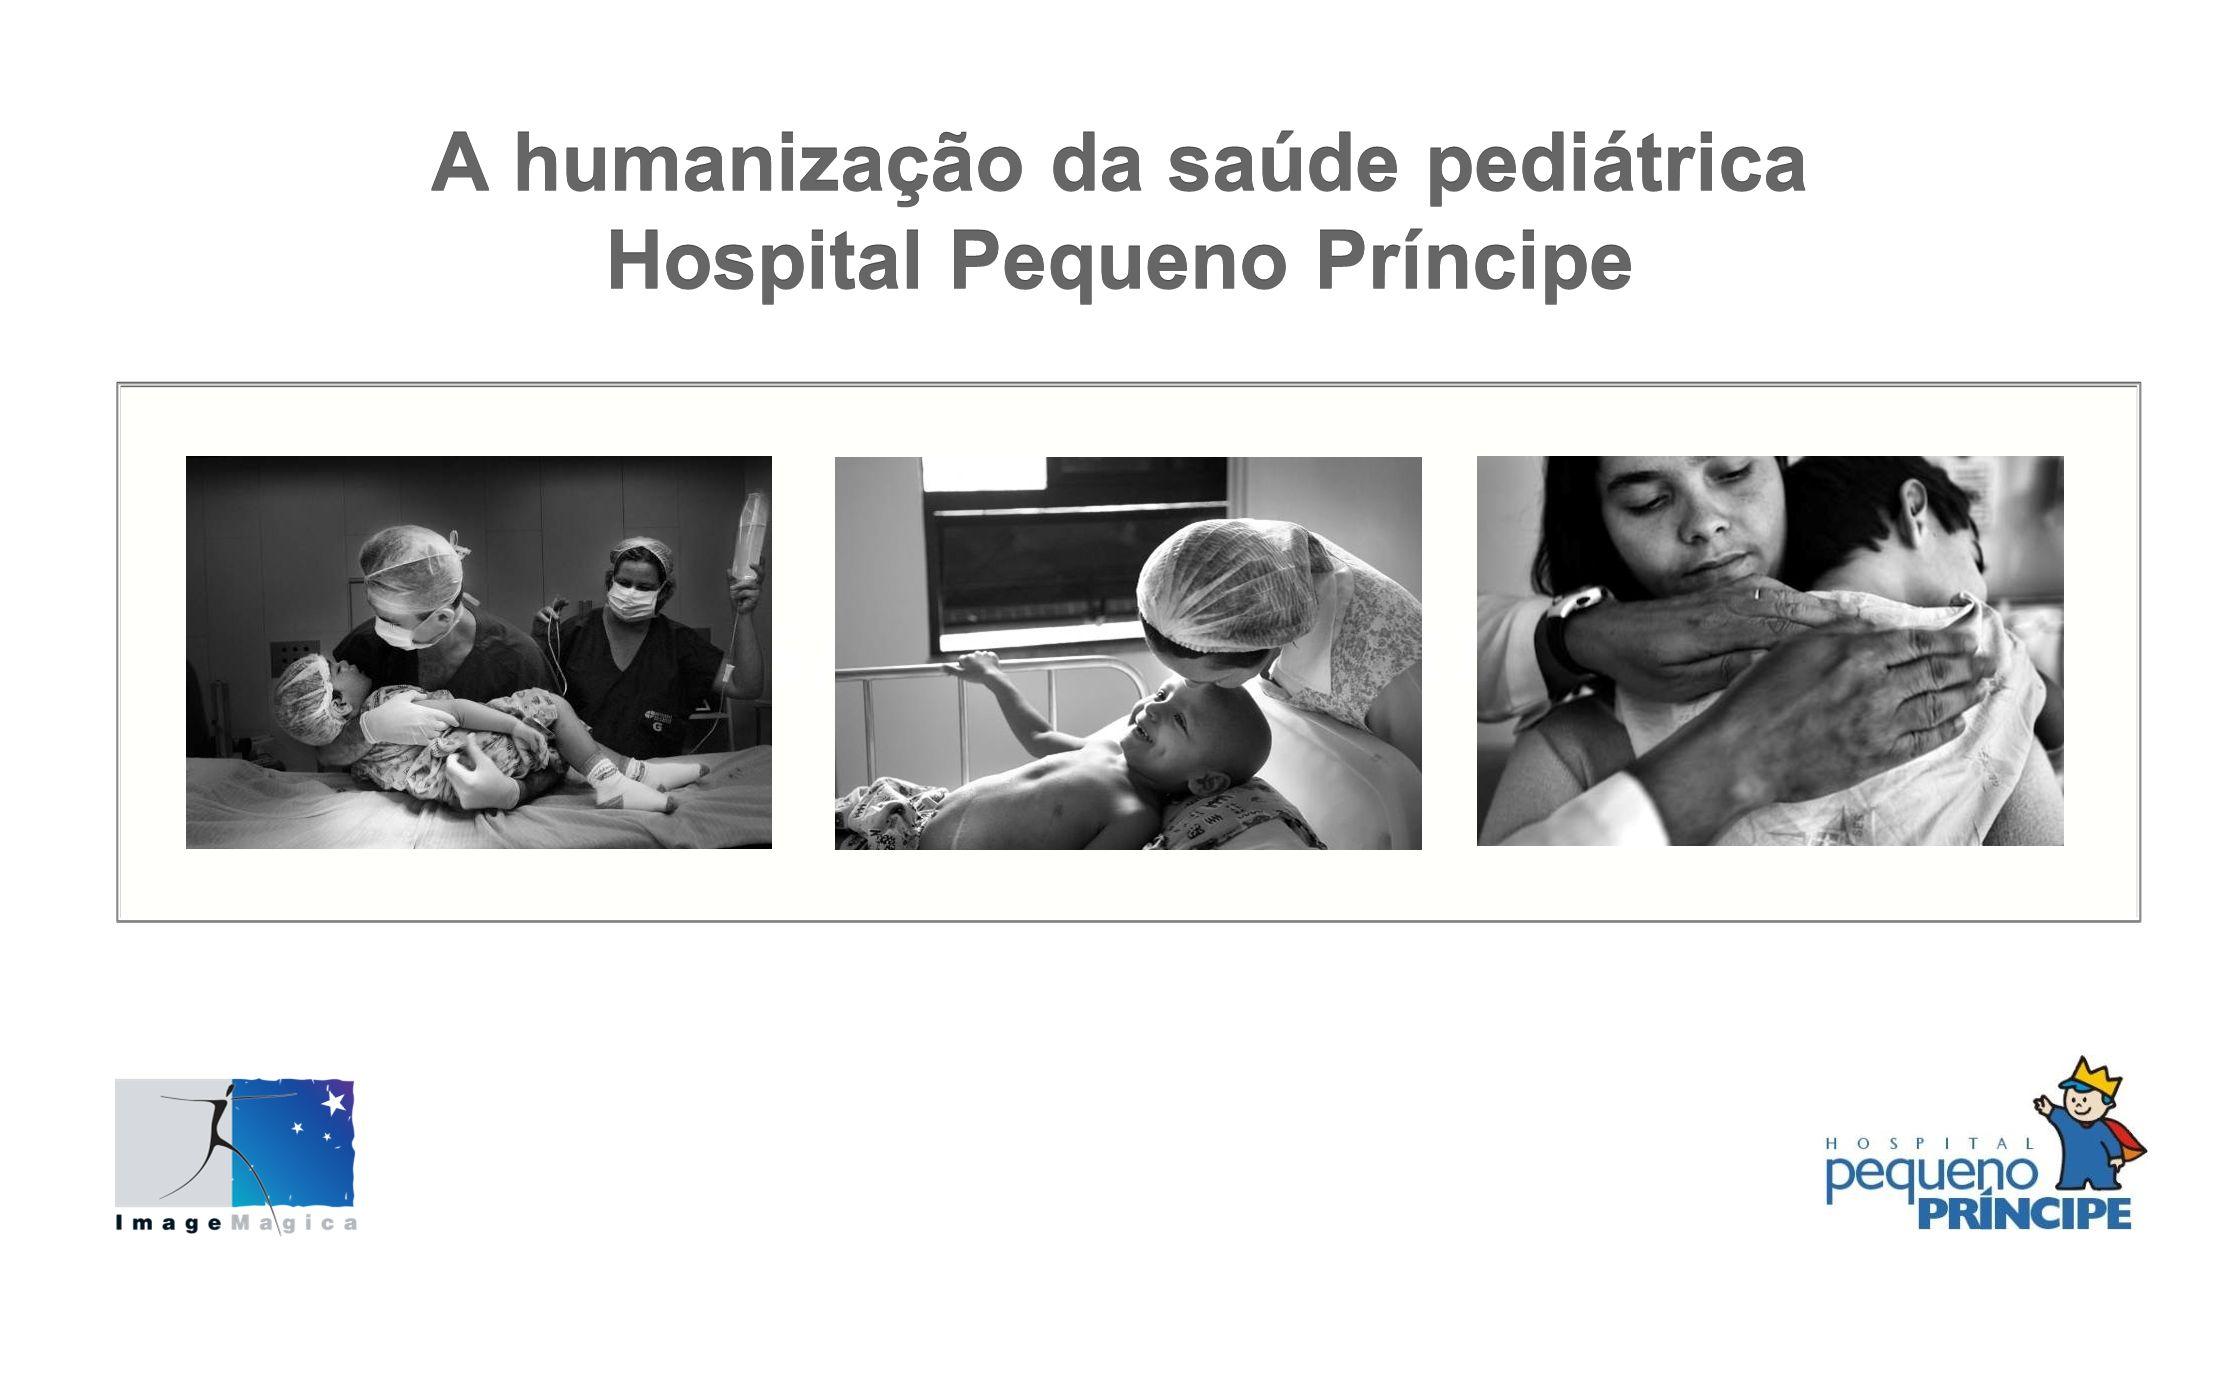 A humanização da saúde pediátrica Hospital Pequeno Príncipe